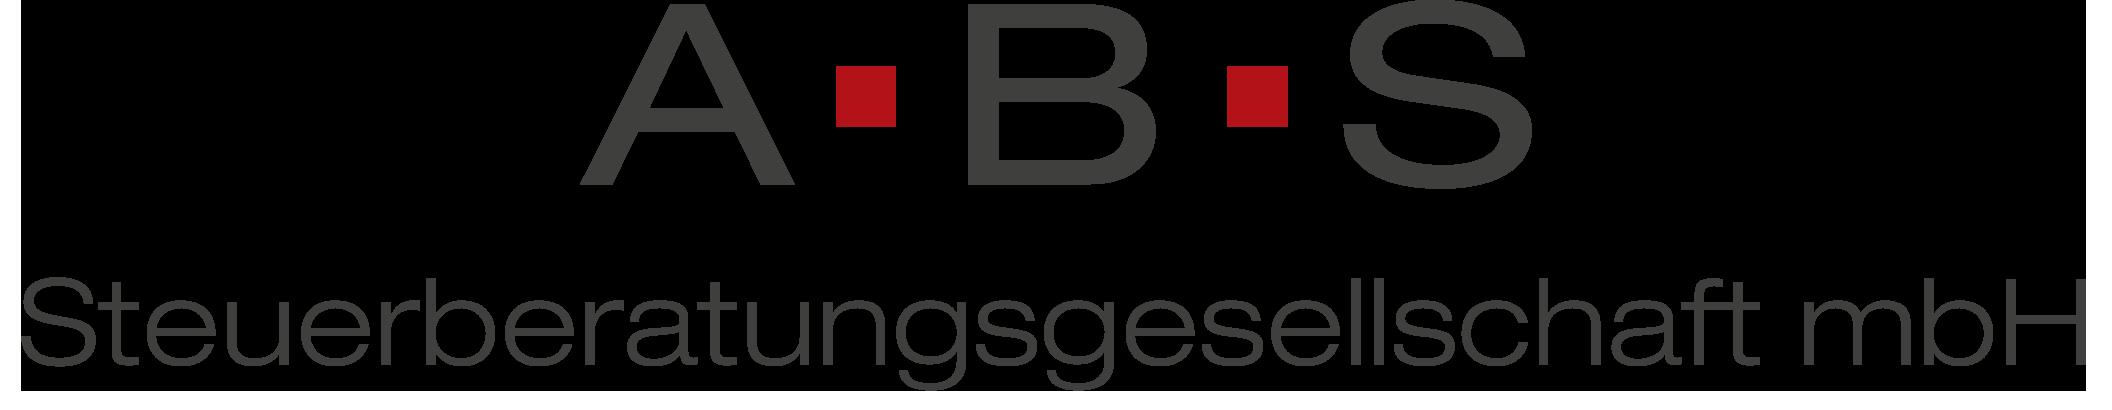 ABS Steuerberatungsgesellschaft mbH